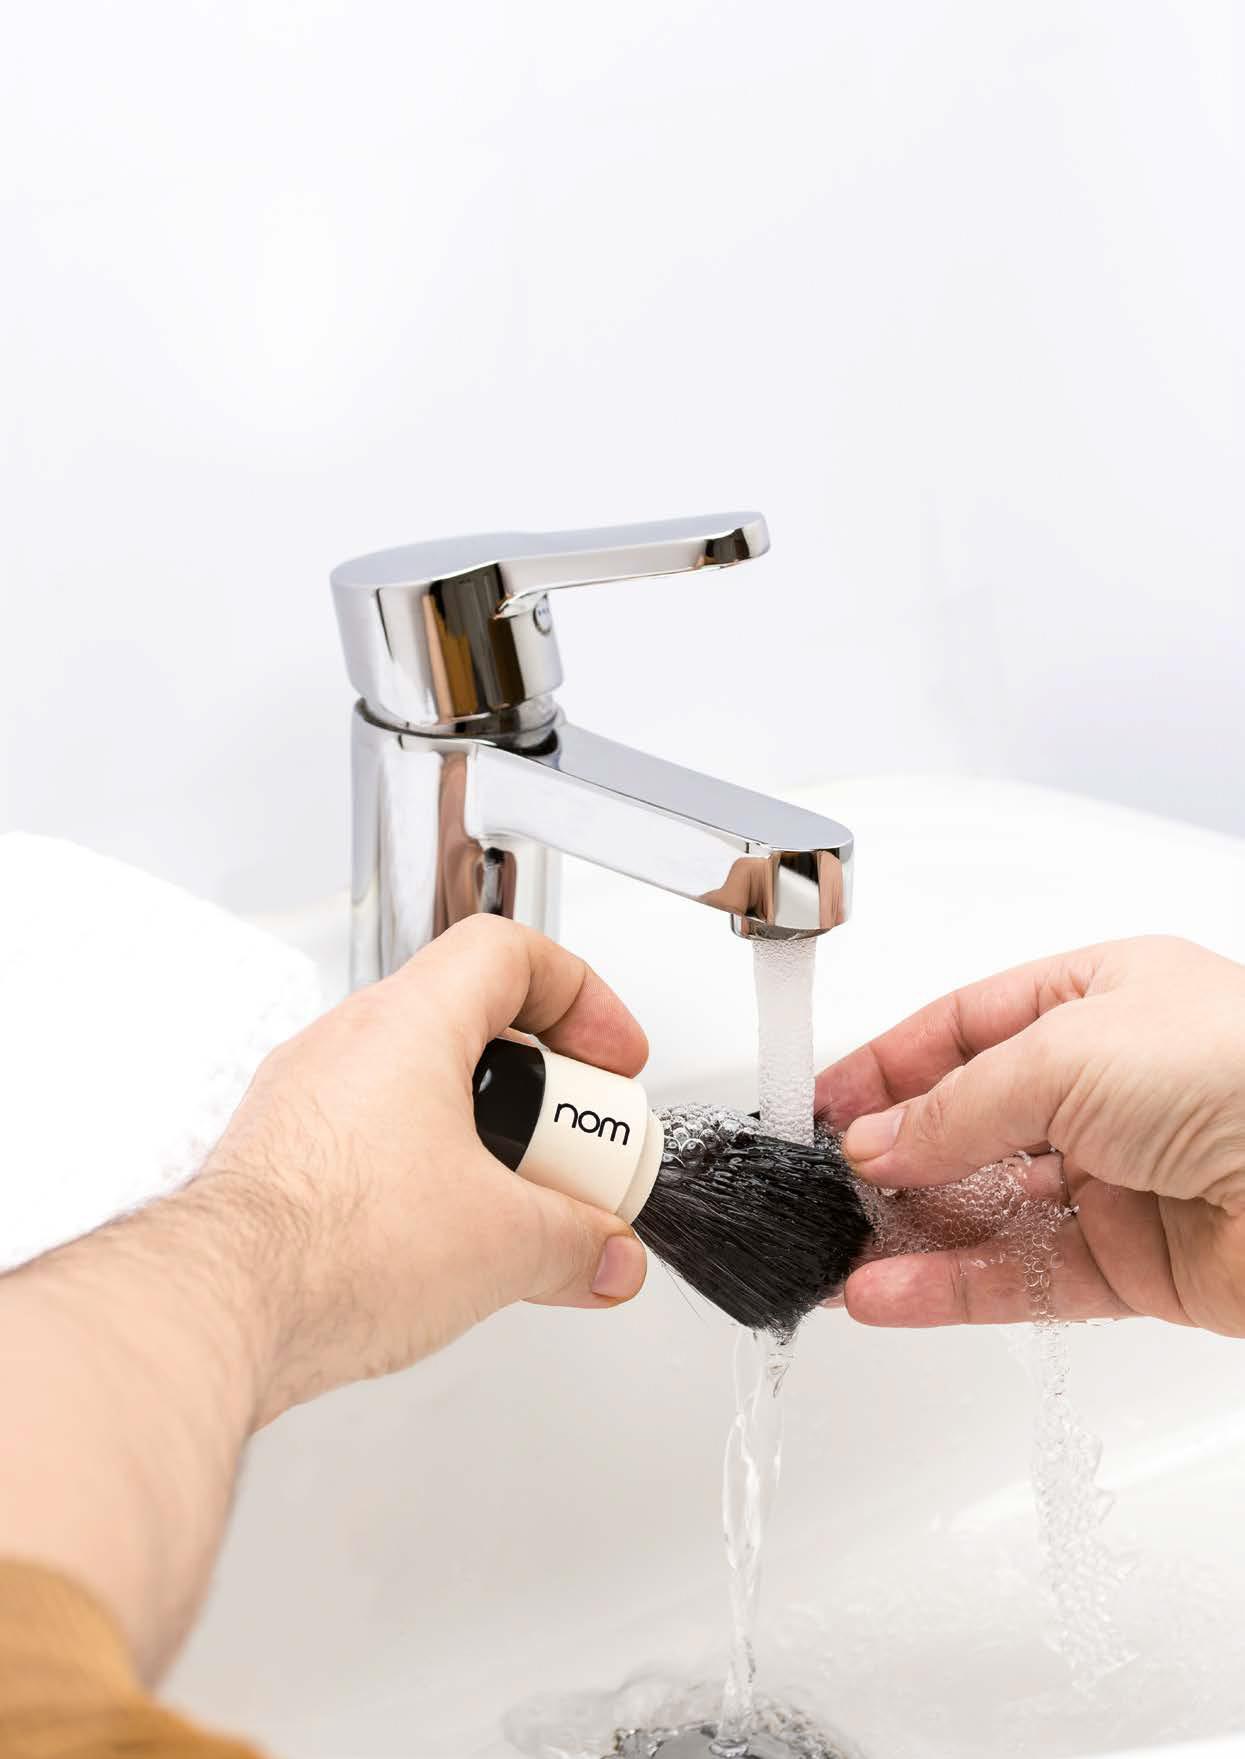 nom scheerkwast schoonmaken